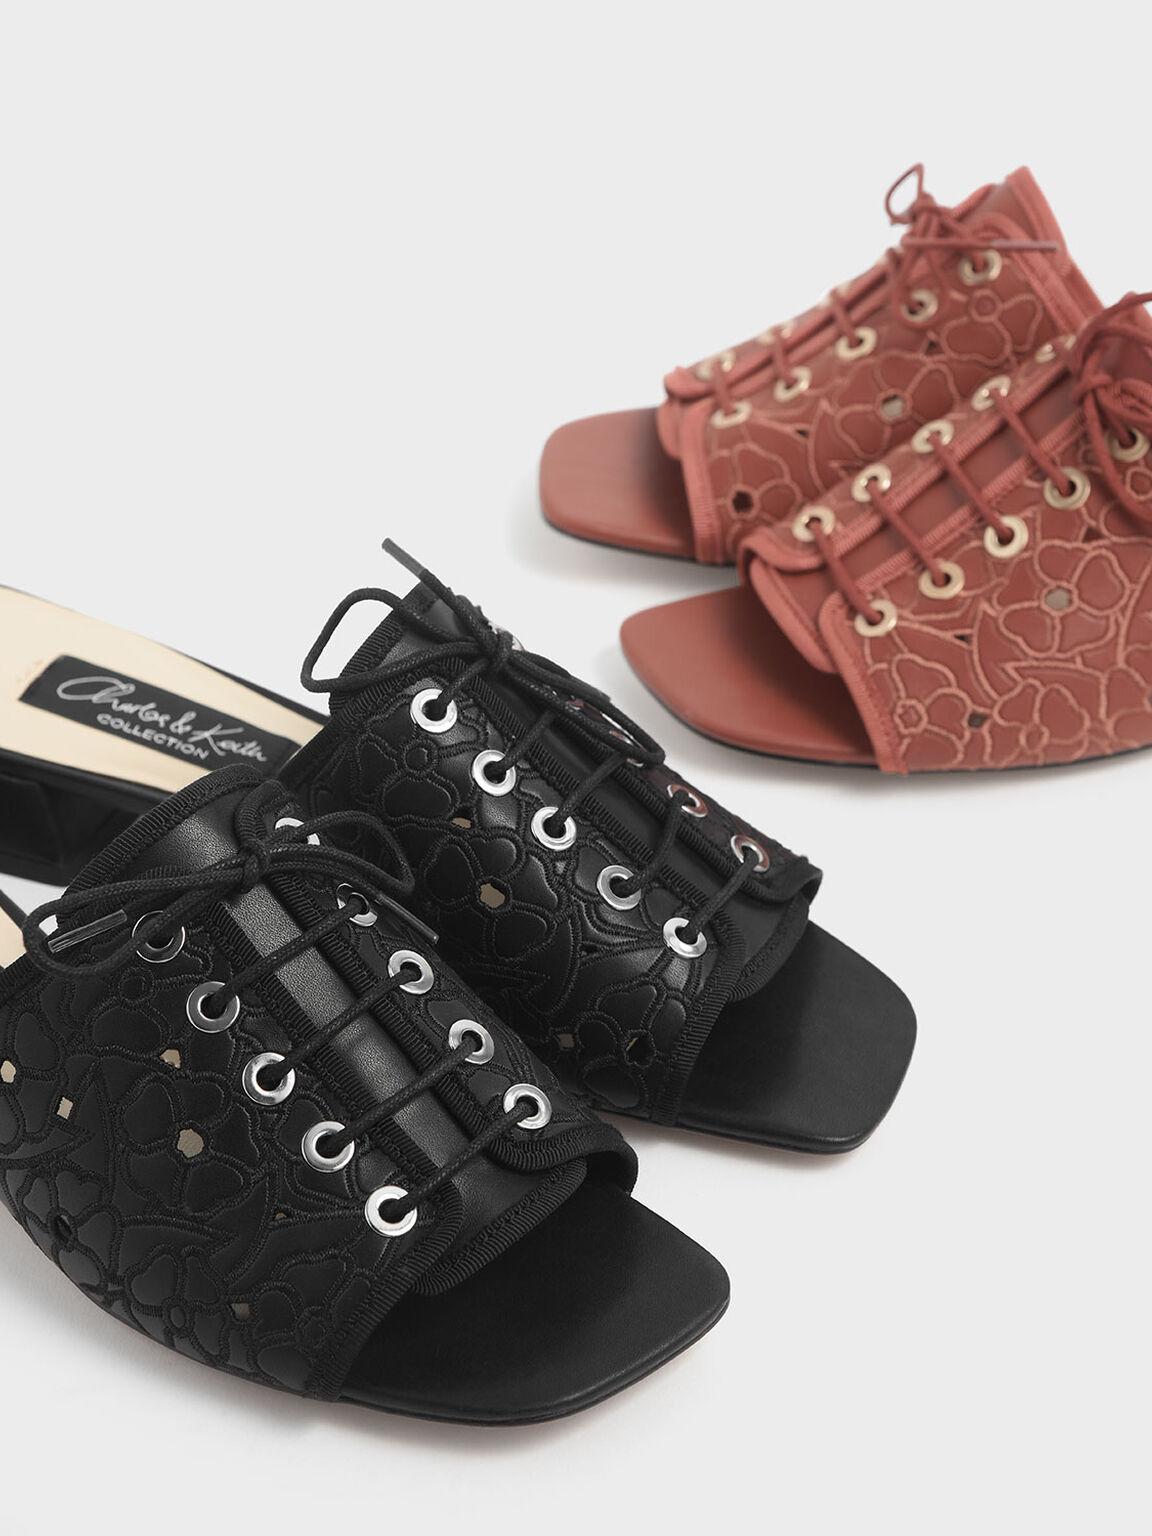 Embroidered Lace-Up Slide Sandals, Black, hi-res